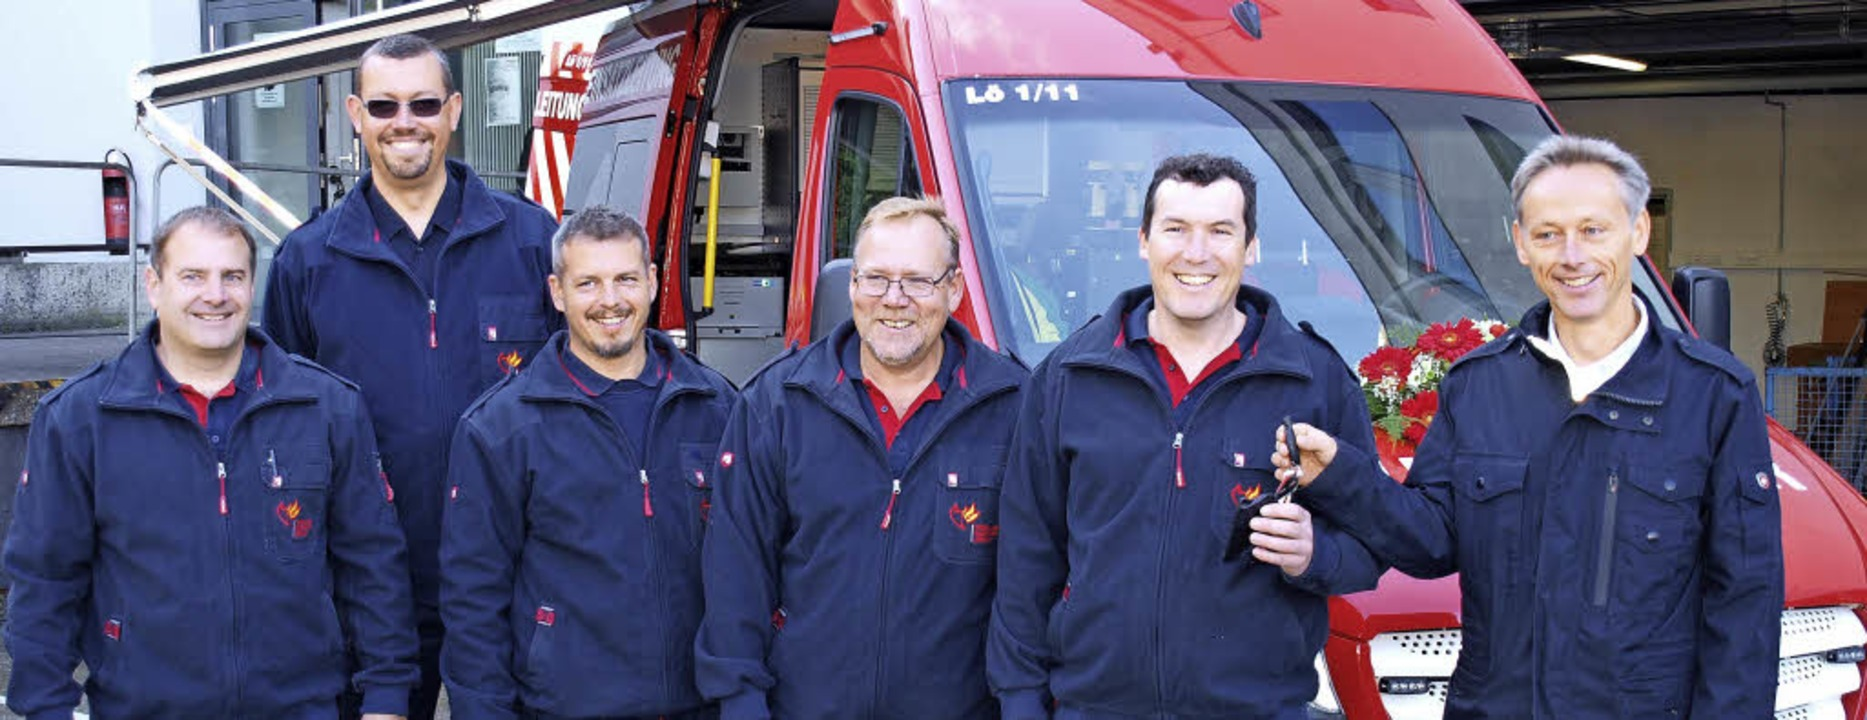 Im Bild von rechts: Dr. Michael Wilke, Markus Künstle, Oliver Geyer, Klaus Betting, Christian Heske, Stephan Schepperle